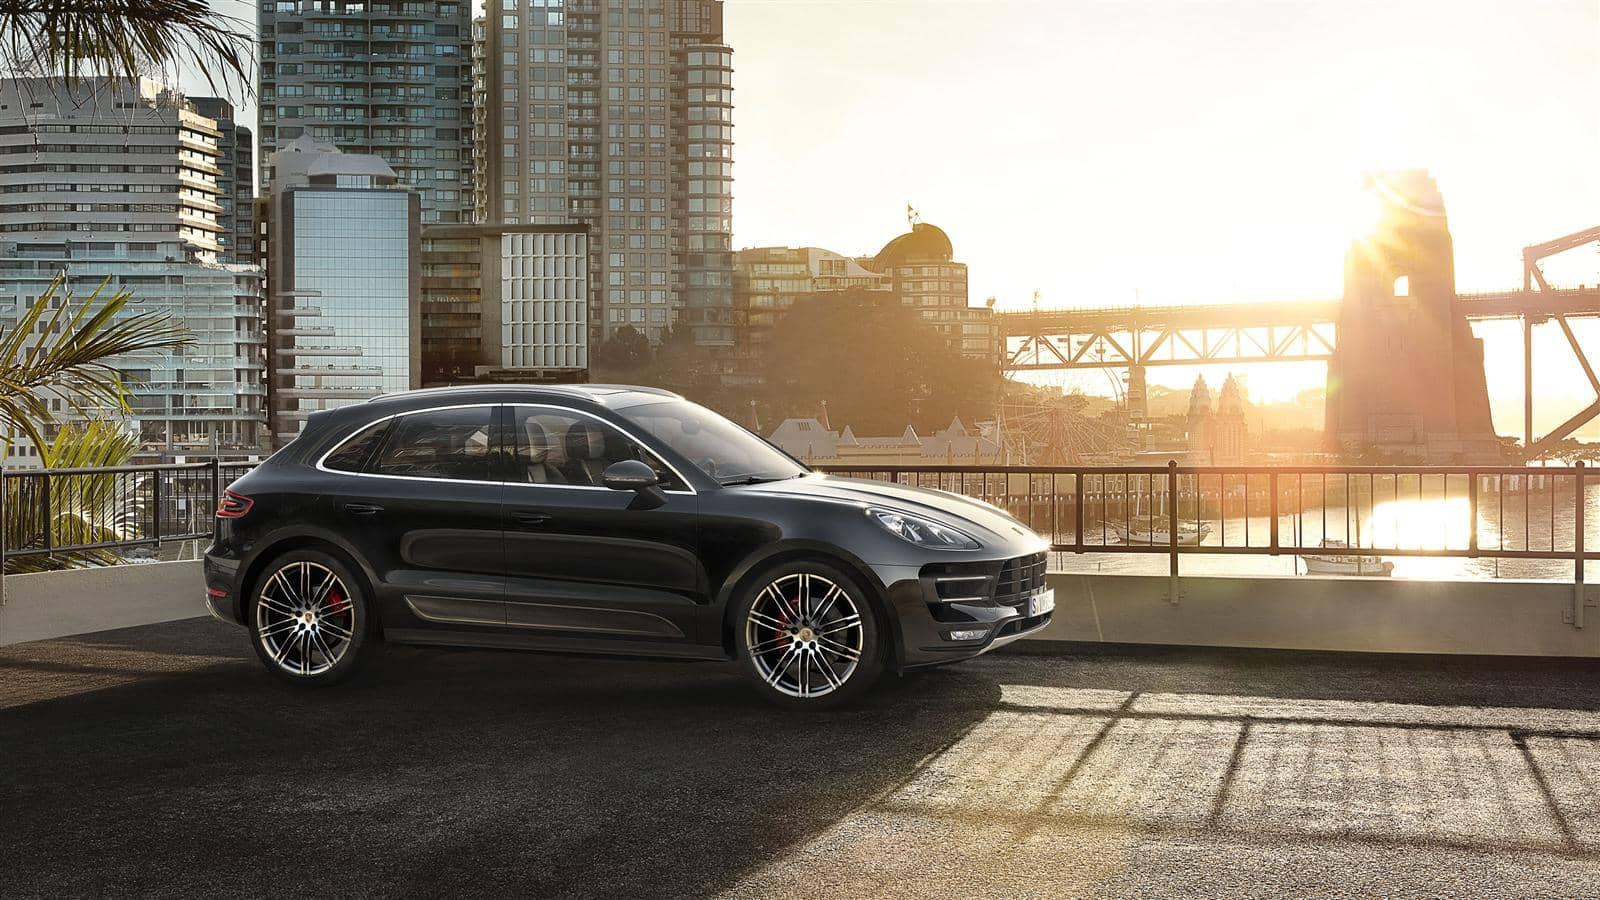 Coches Porsche, todos los modelos y precios de Porsche